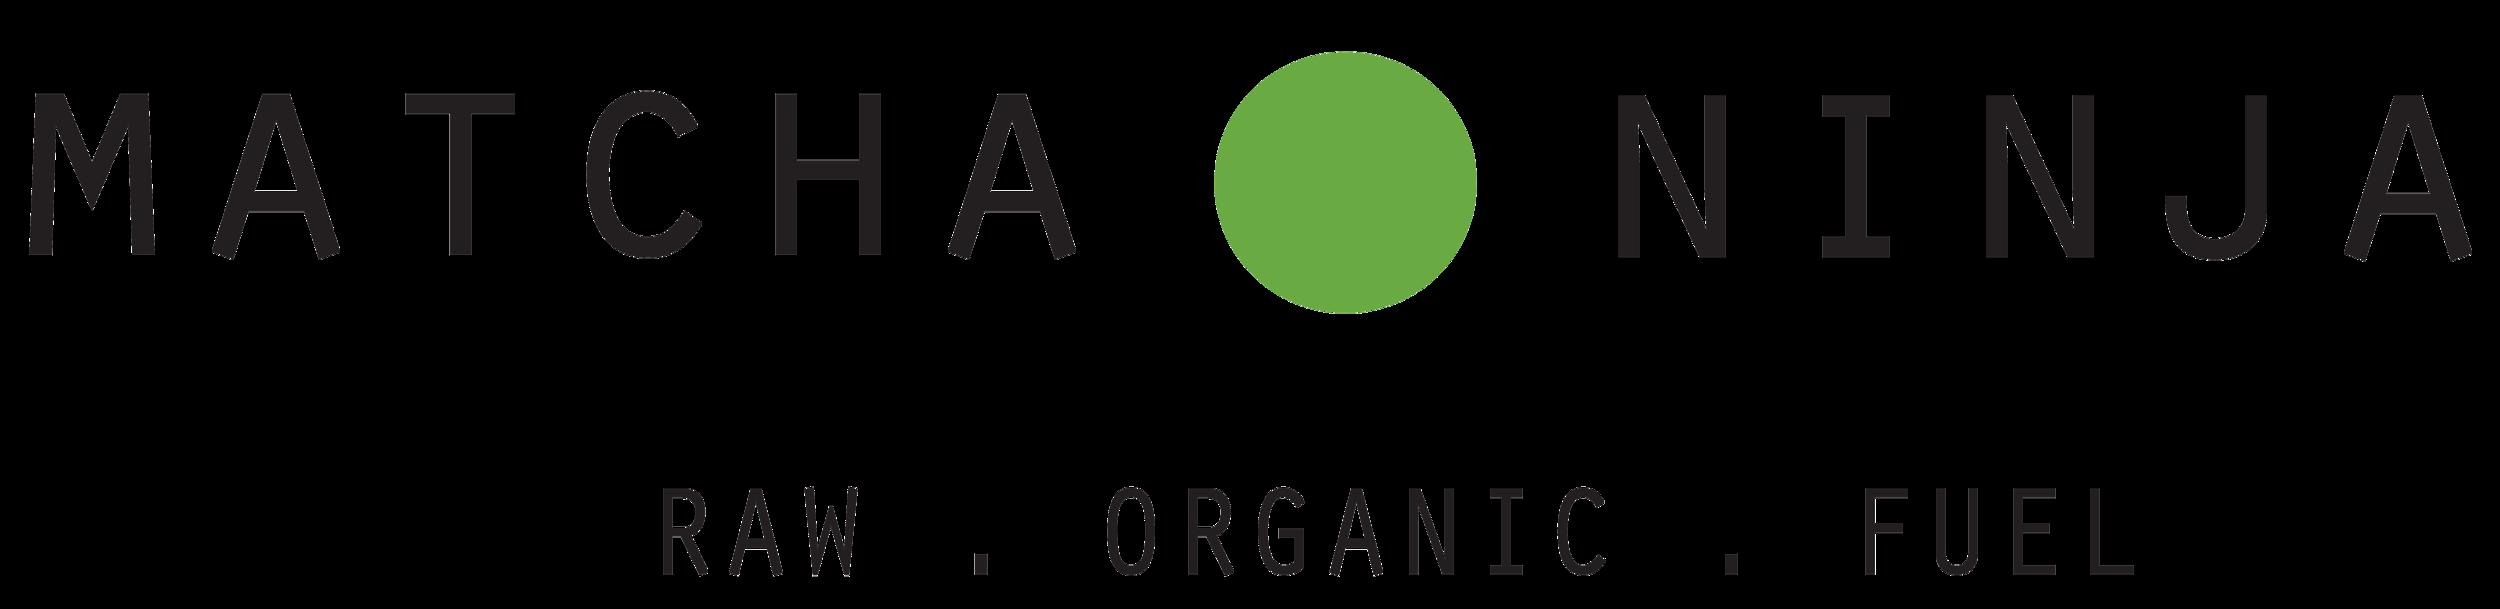 Hi-Res-Matcha-Ninja-Logo.png